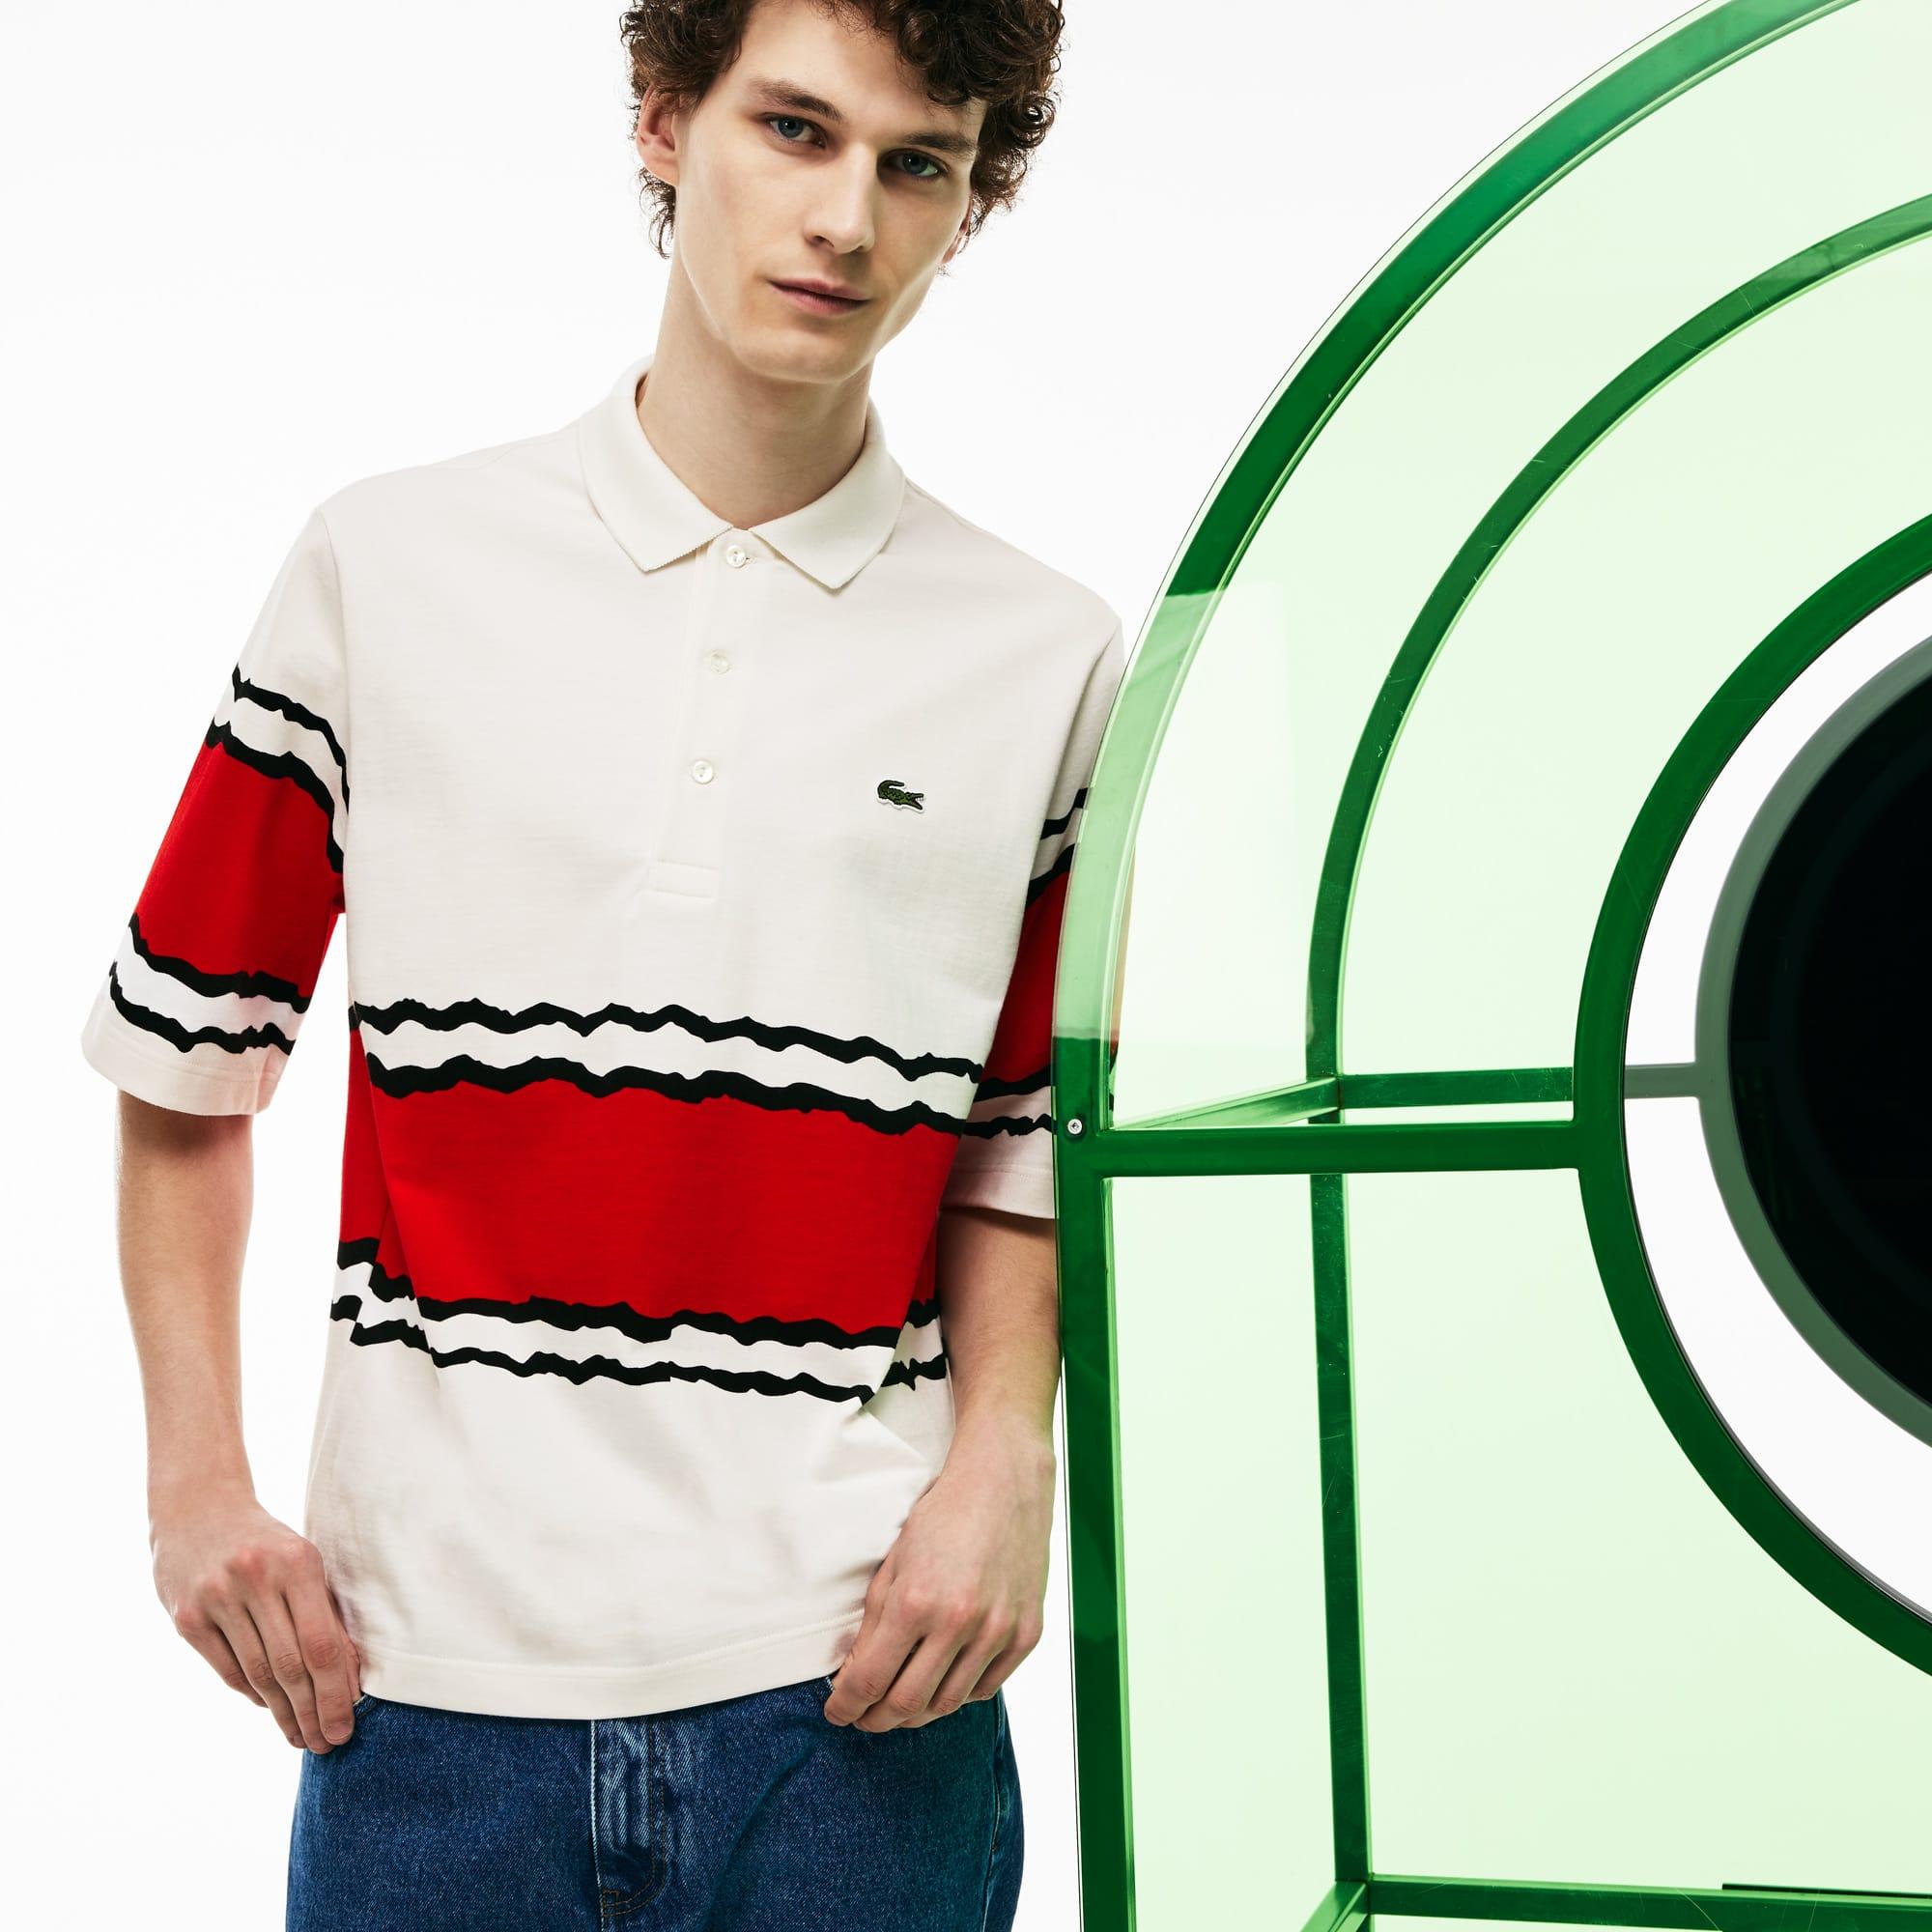 Herren Poloshirt mit Streifen aus der Fashion Show Kollektion